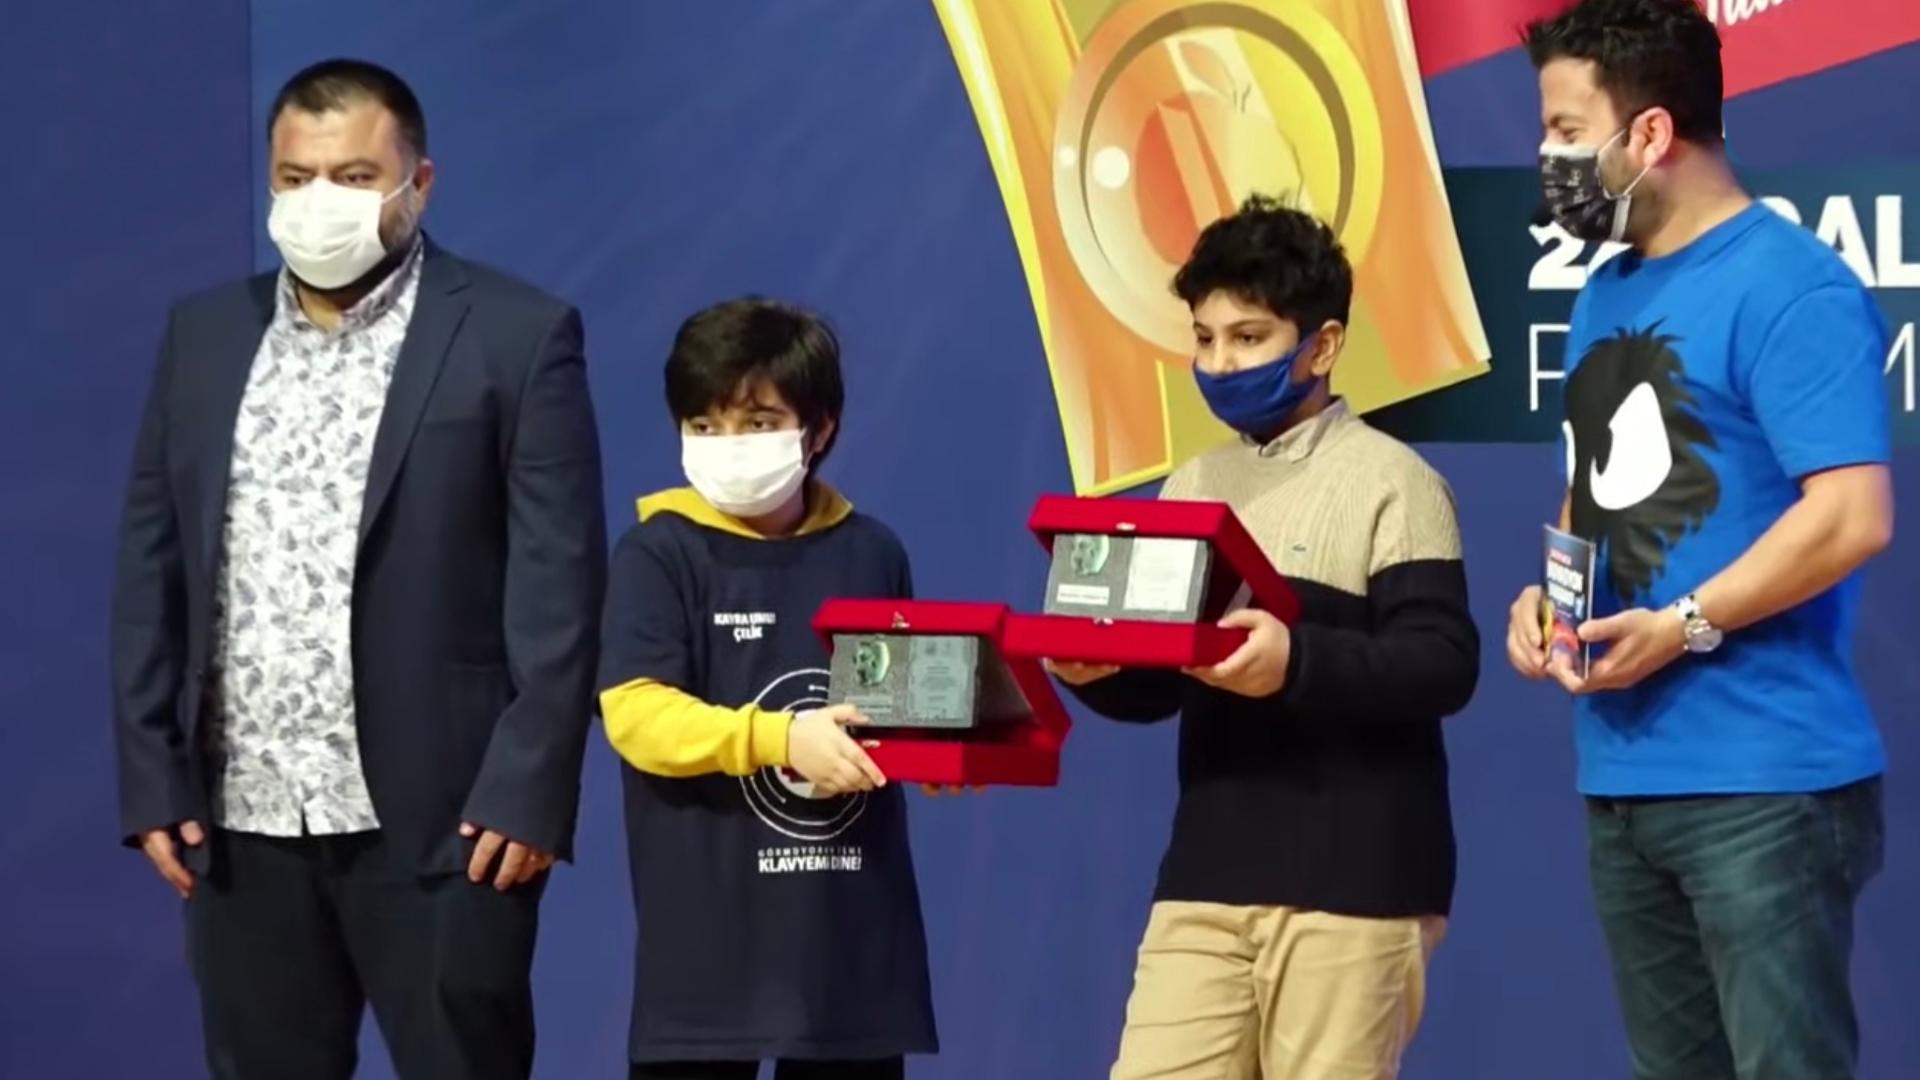 Öğrencilerimizin İnsanlık Yararına Teknoloji Projesi Ödül Getirdi!